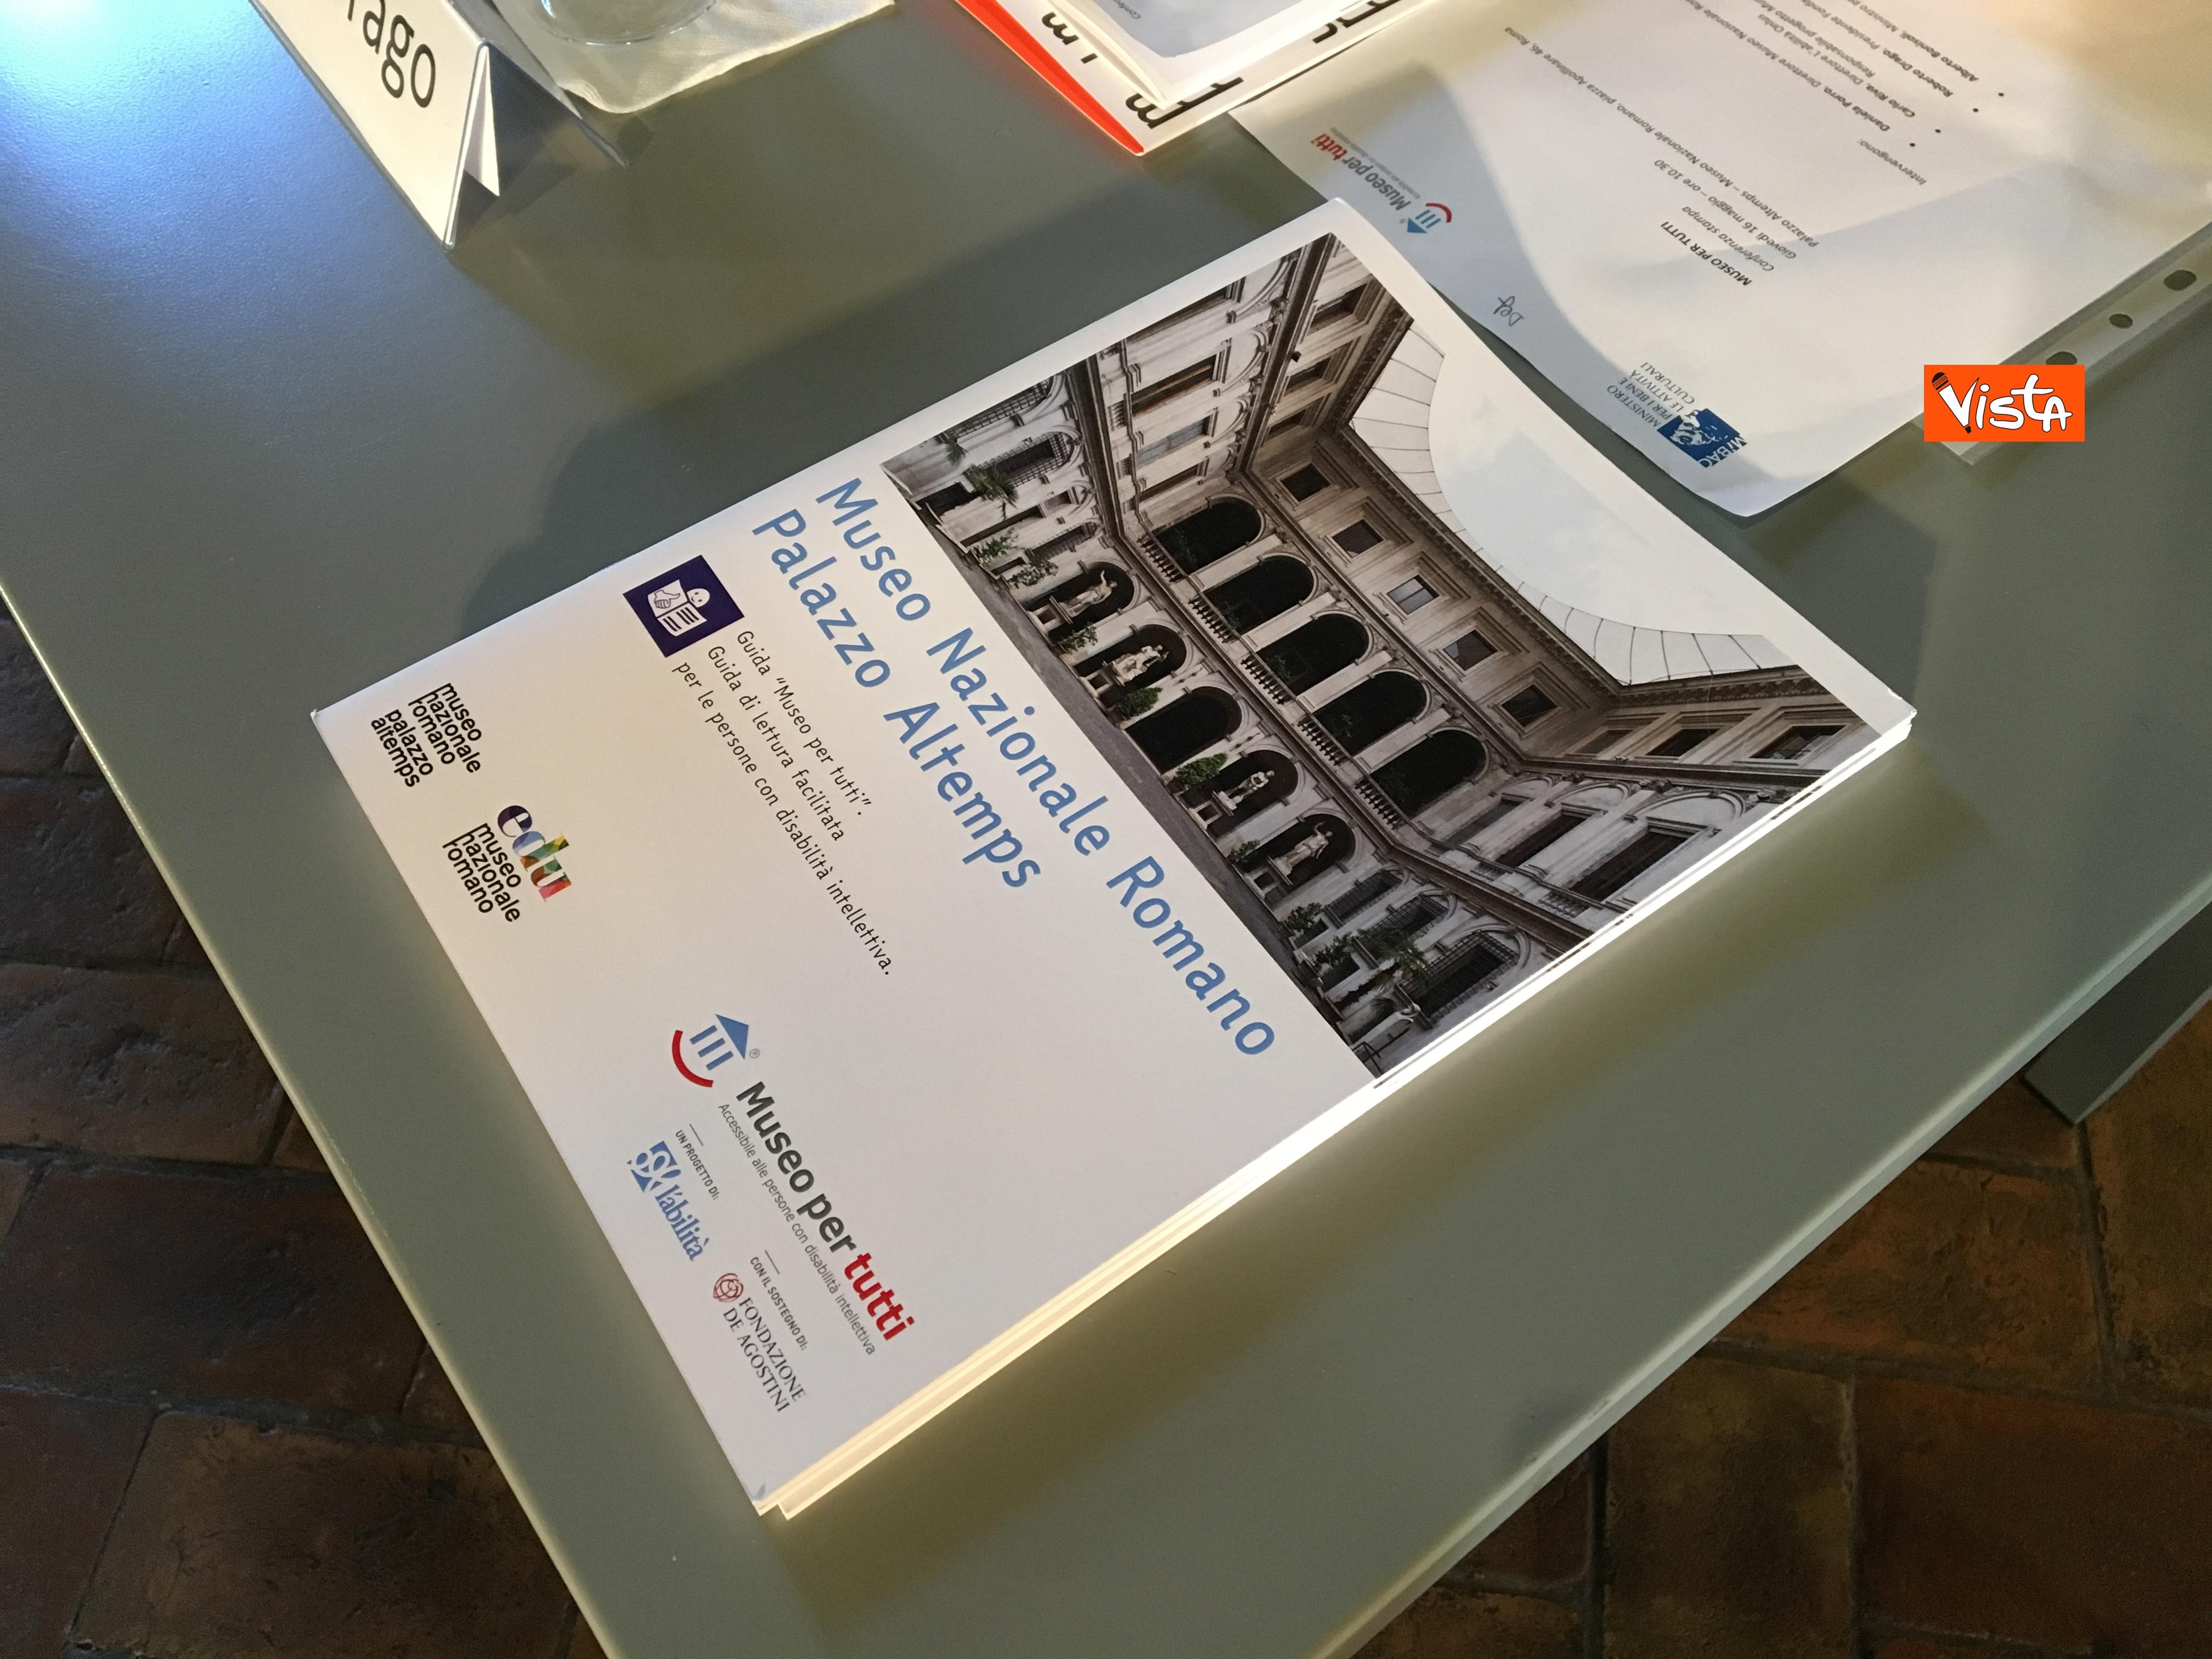 16-05-19 Museo per tutti la presentazione del progetto con Bonisoli a Palazzo Altemps_09